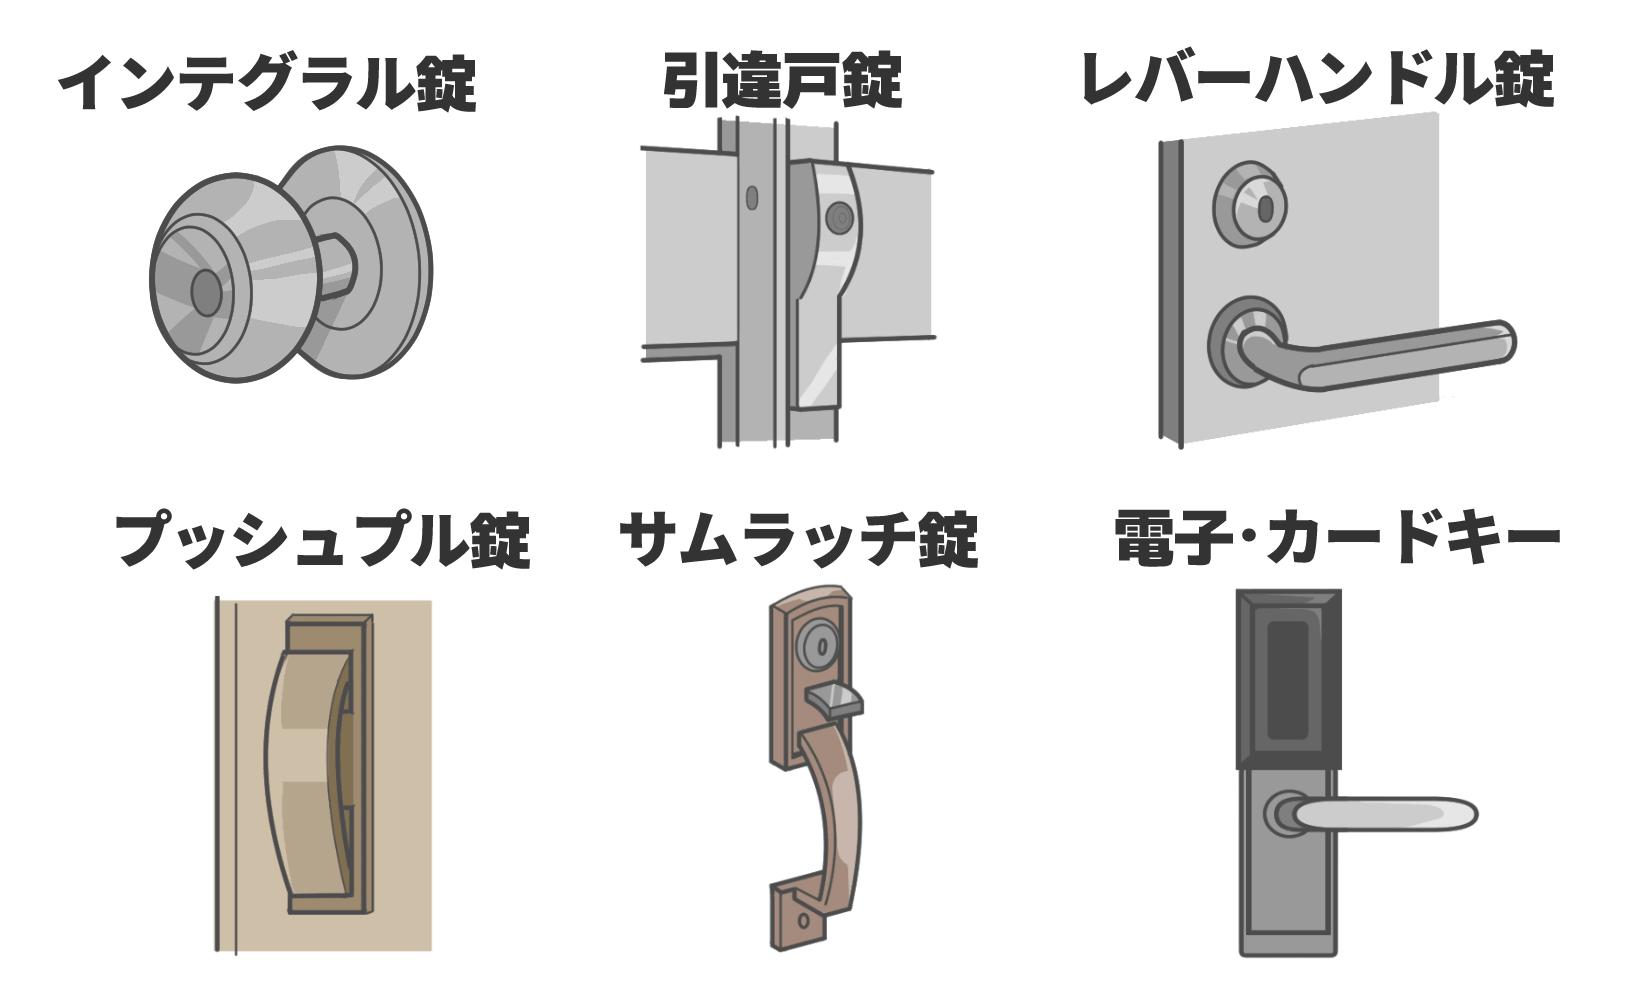 主なドアノブは6種類あり、インテグラル錠、引違戸錠、レバーハンドル錠、プッシュプル錠、サムラッチ錠、電子・カードキーです。